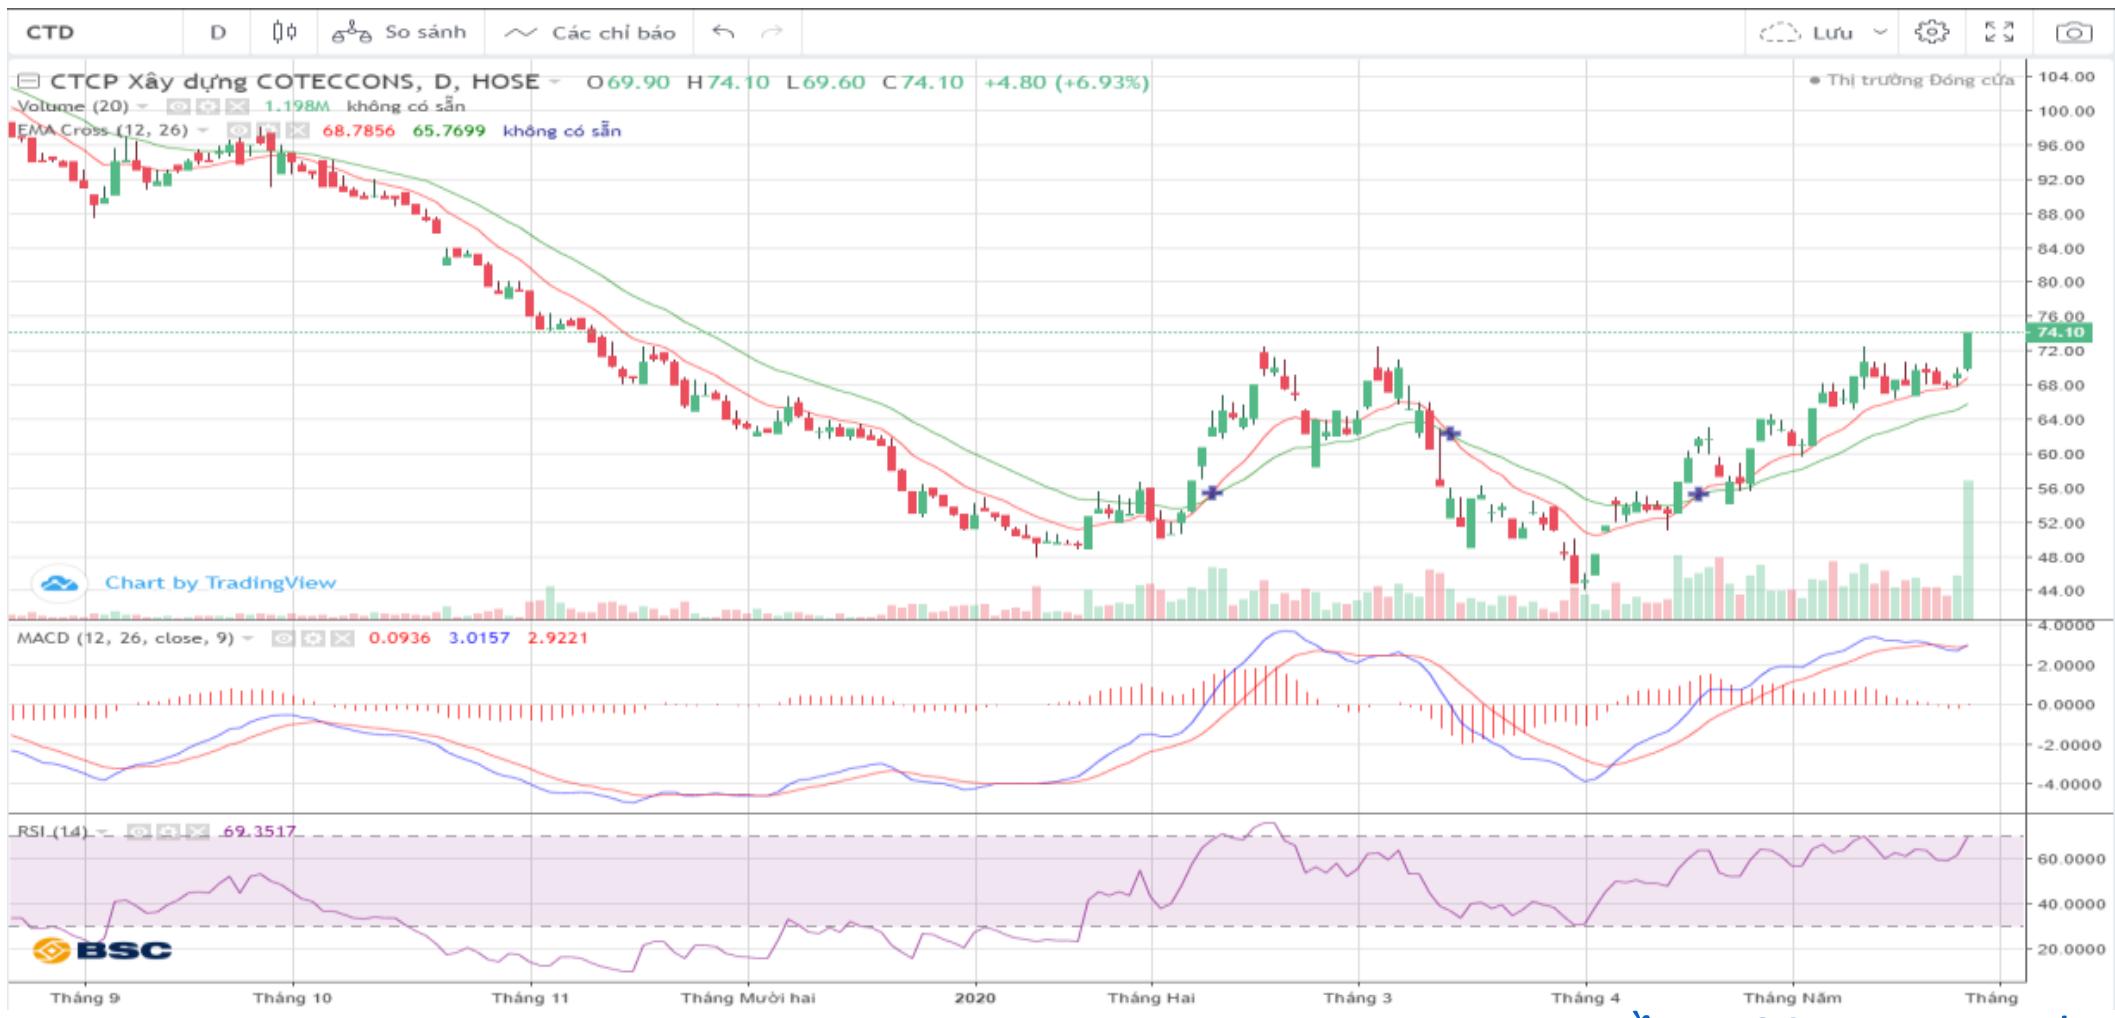 Cổ phiếu tâm điểm ngày 29/5: CTD, VEA, PDR